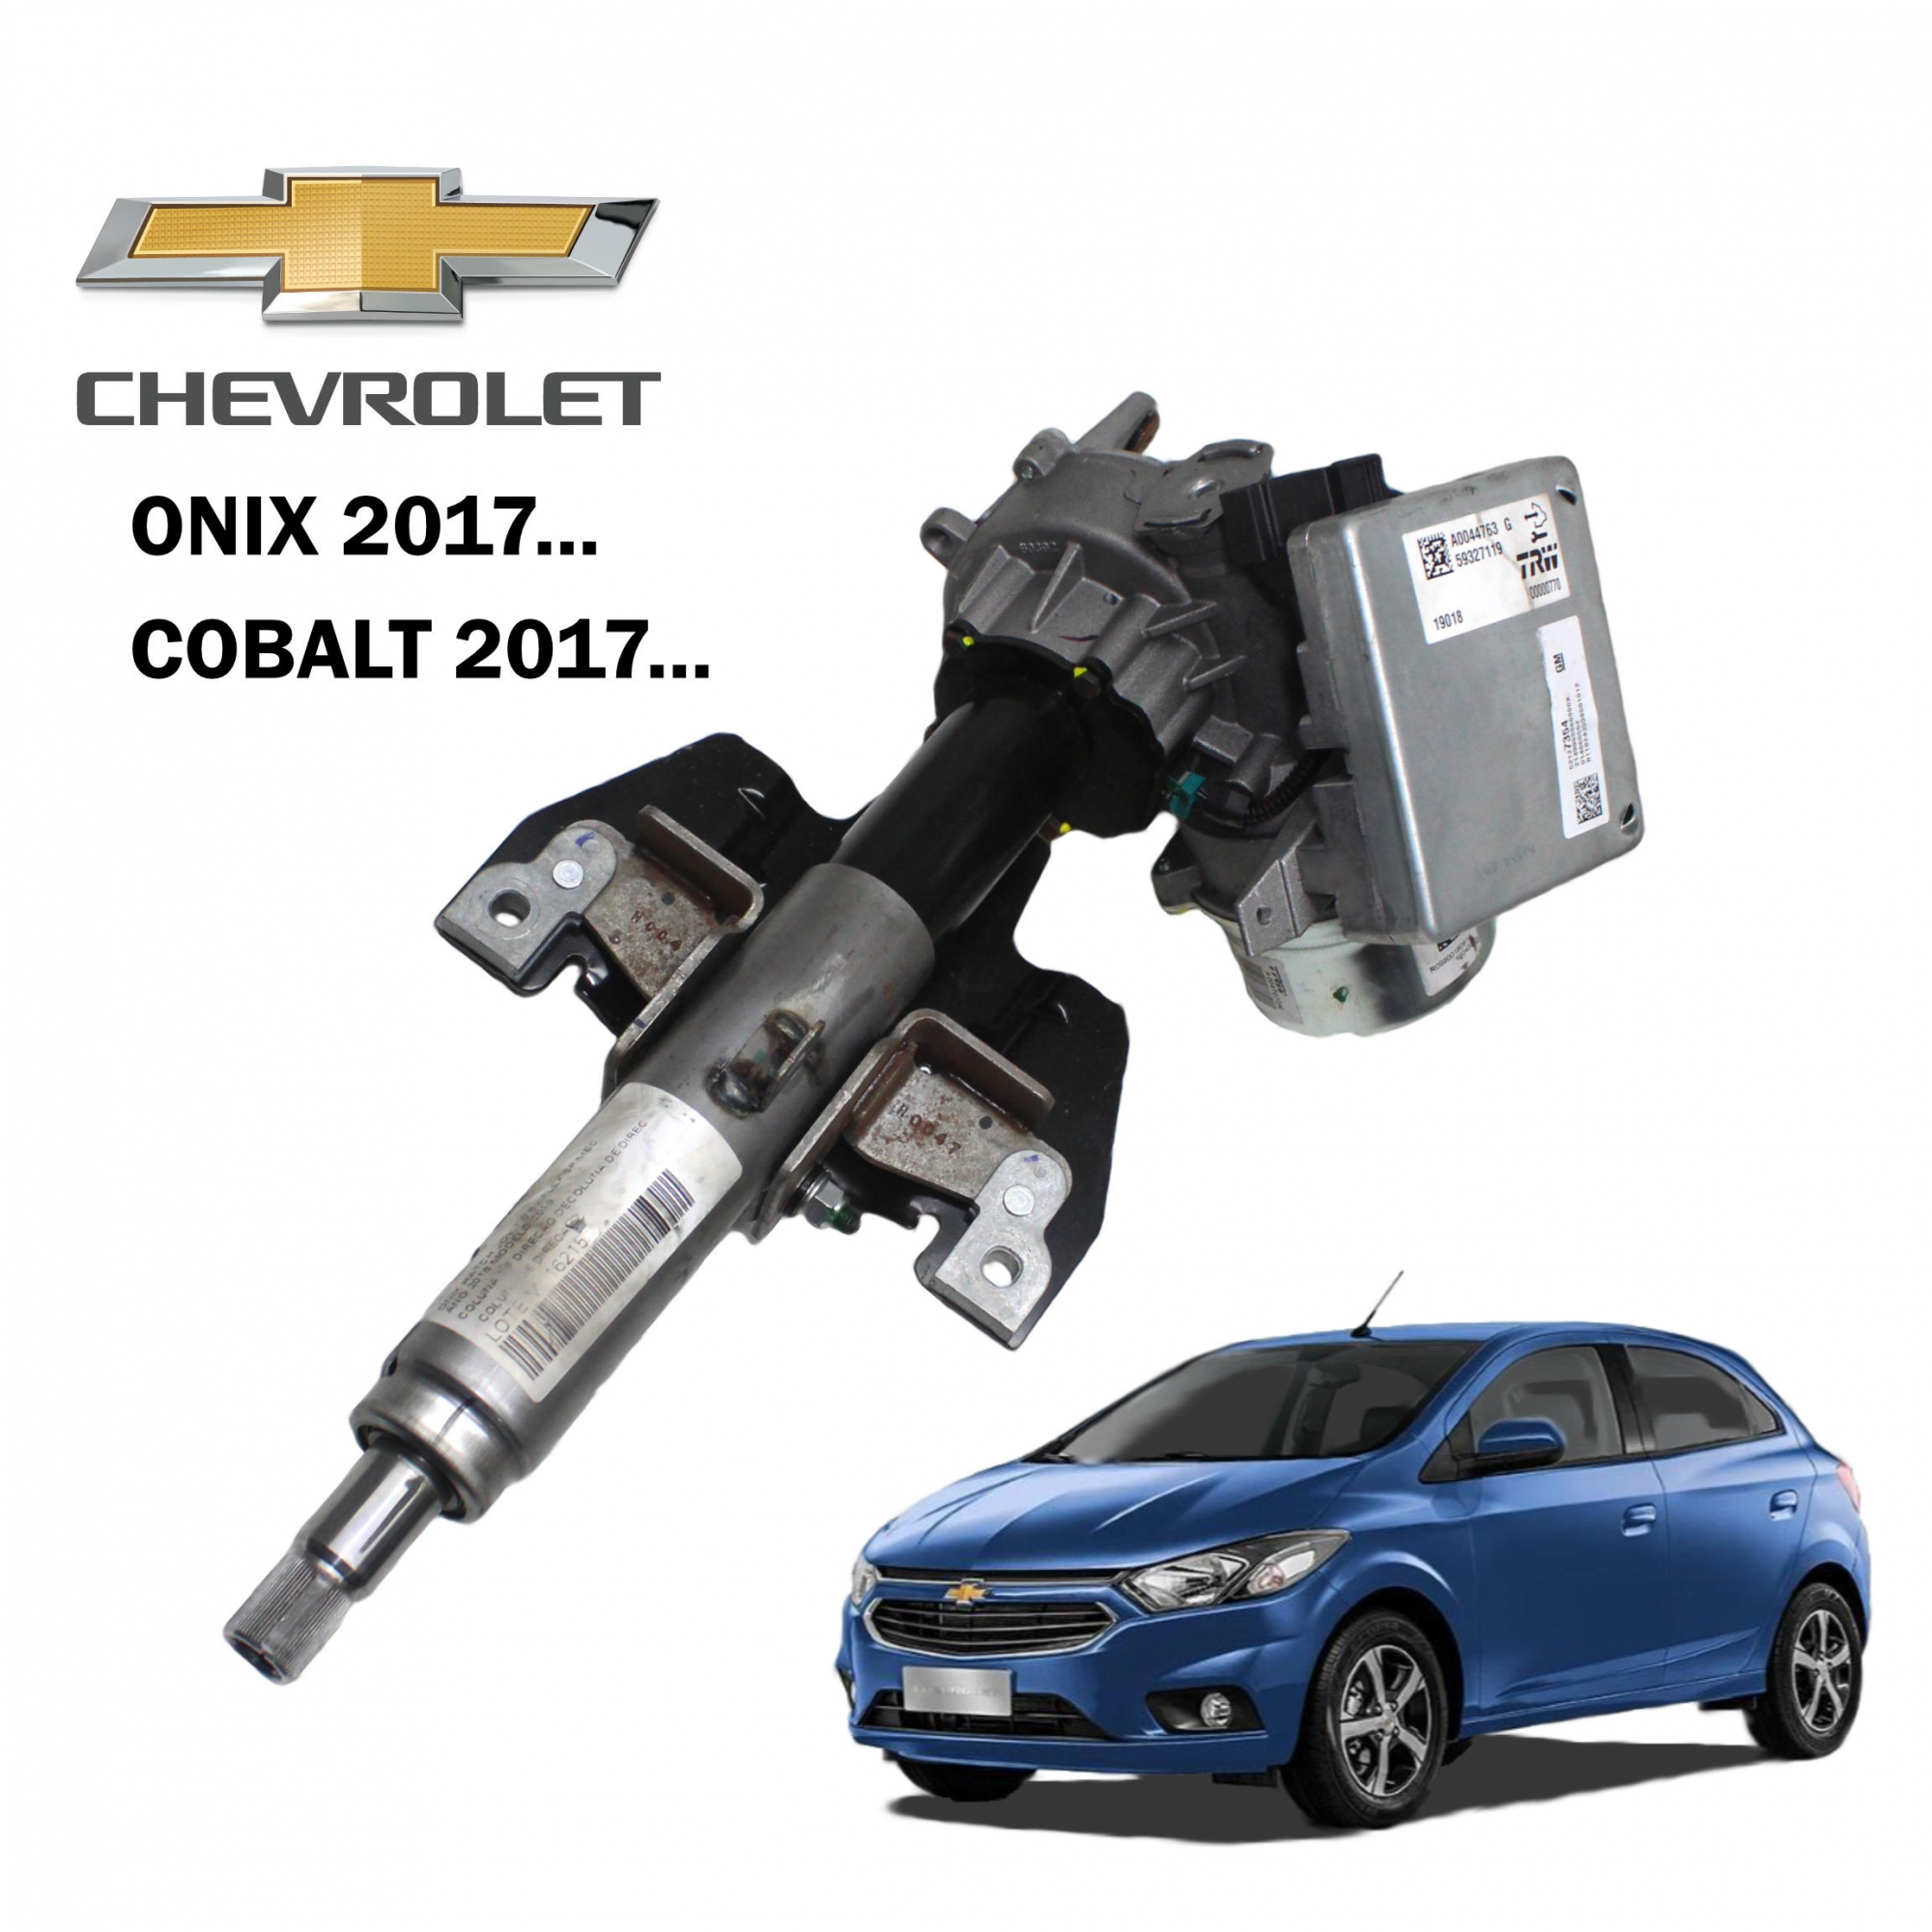 Motor Coluna Direção Elétrica Onix 2017..., Cobalt 2017... 59327119